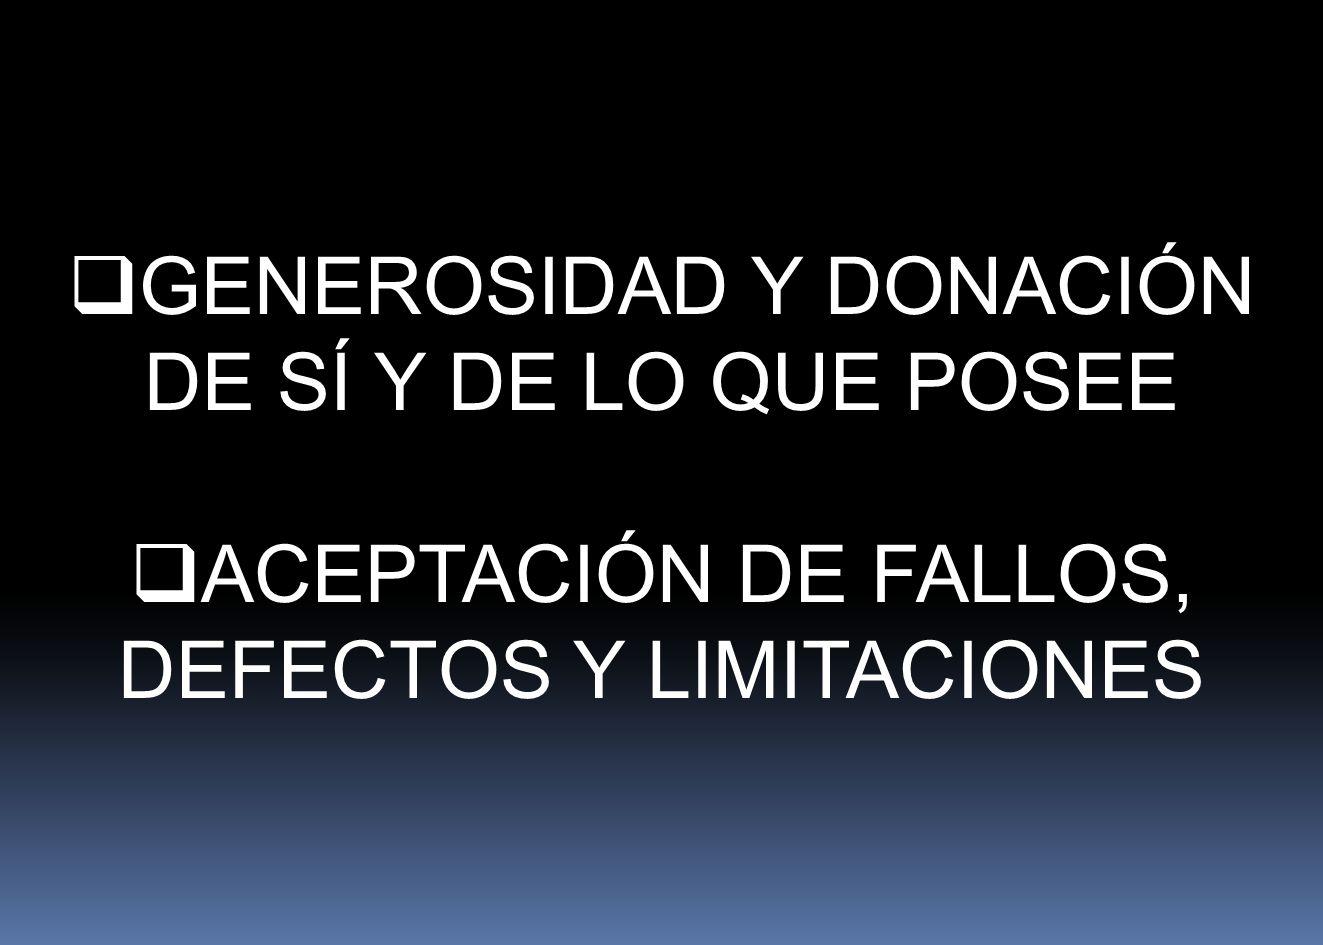 GENEROSIDAD Y DONACIÓN DE SÍ Y DE LO QUE POSEE